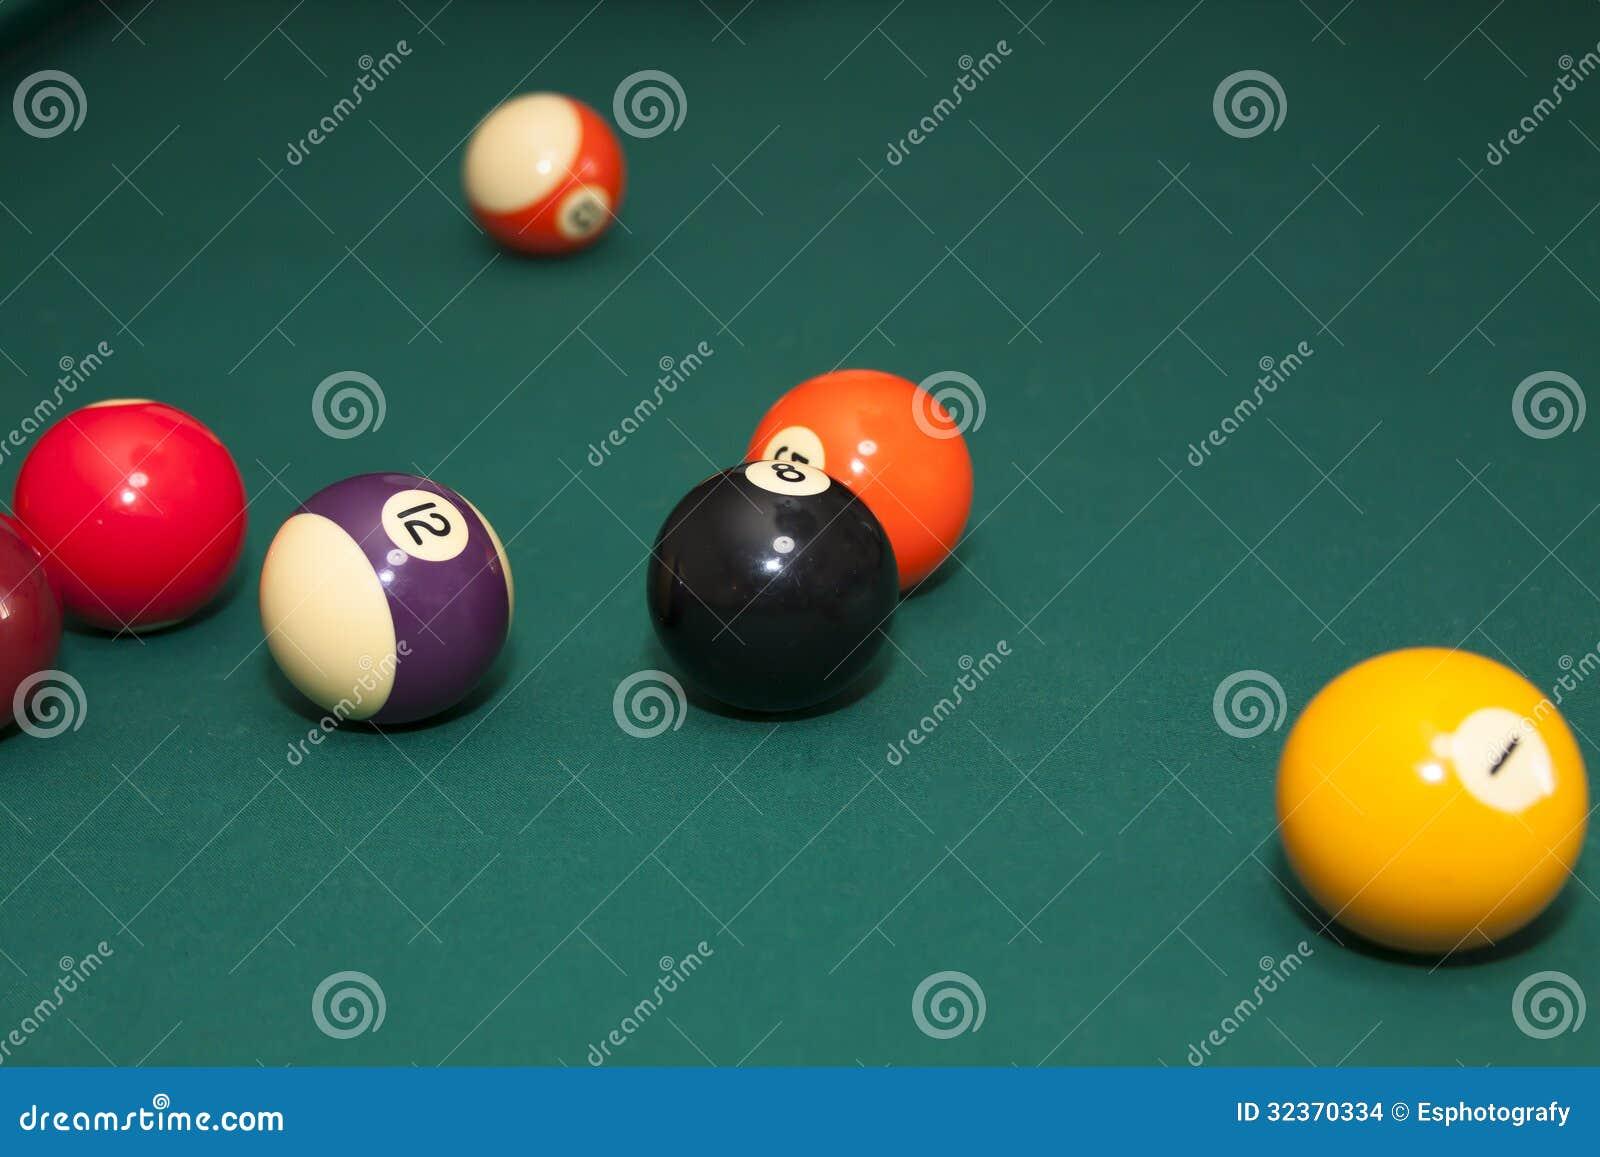 play pool balls